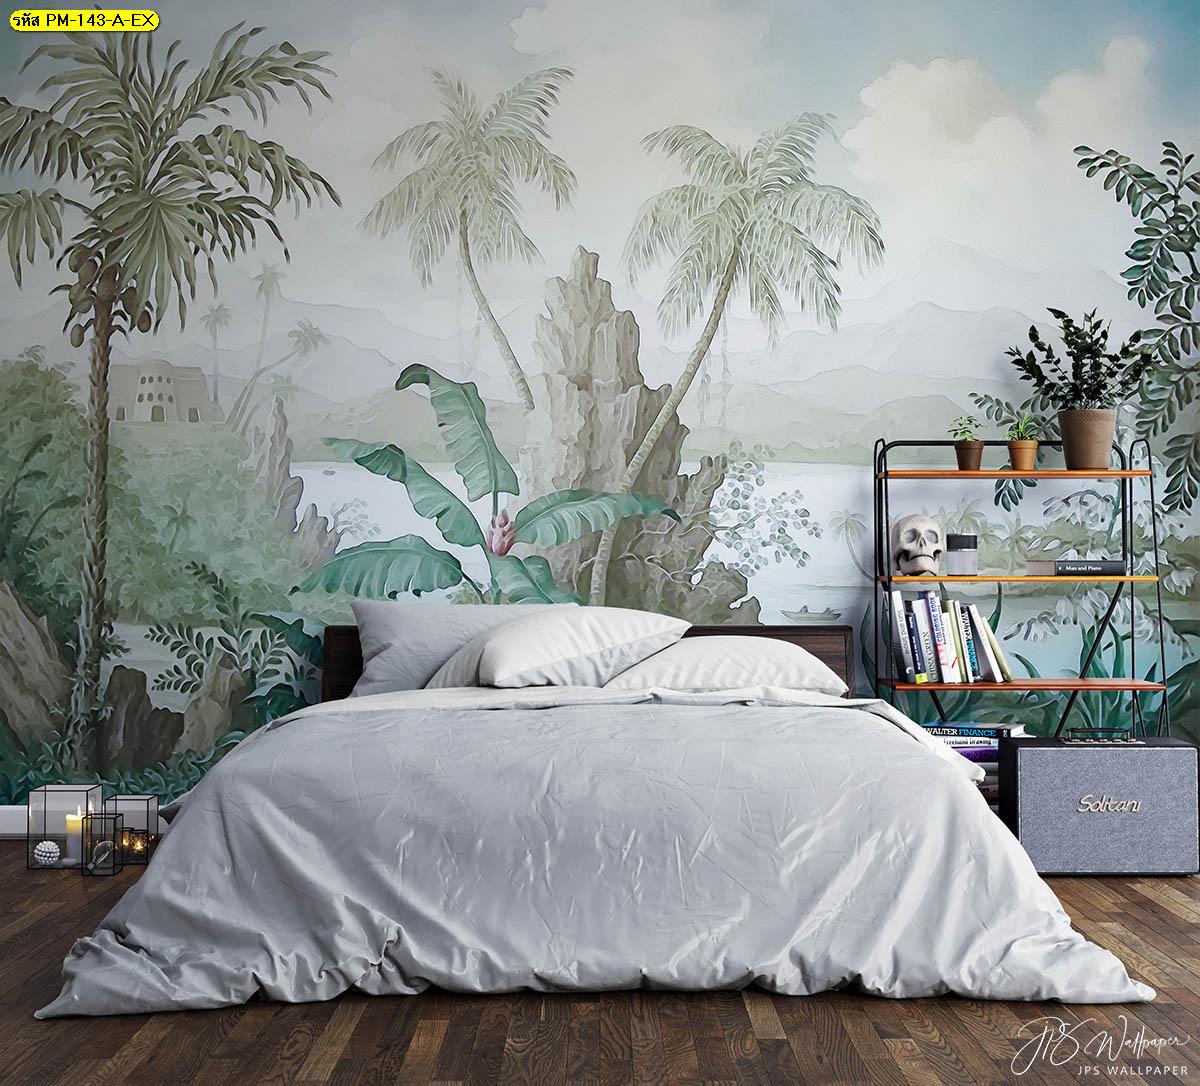 ไอเดียแต่งห้องนอนมินิมอล ไอเดียติดวอลเปเปอร์ห้องนอน วอลเปเปอร์ห้องนอนสวยๆ